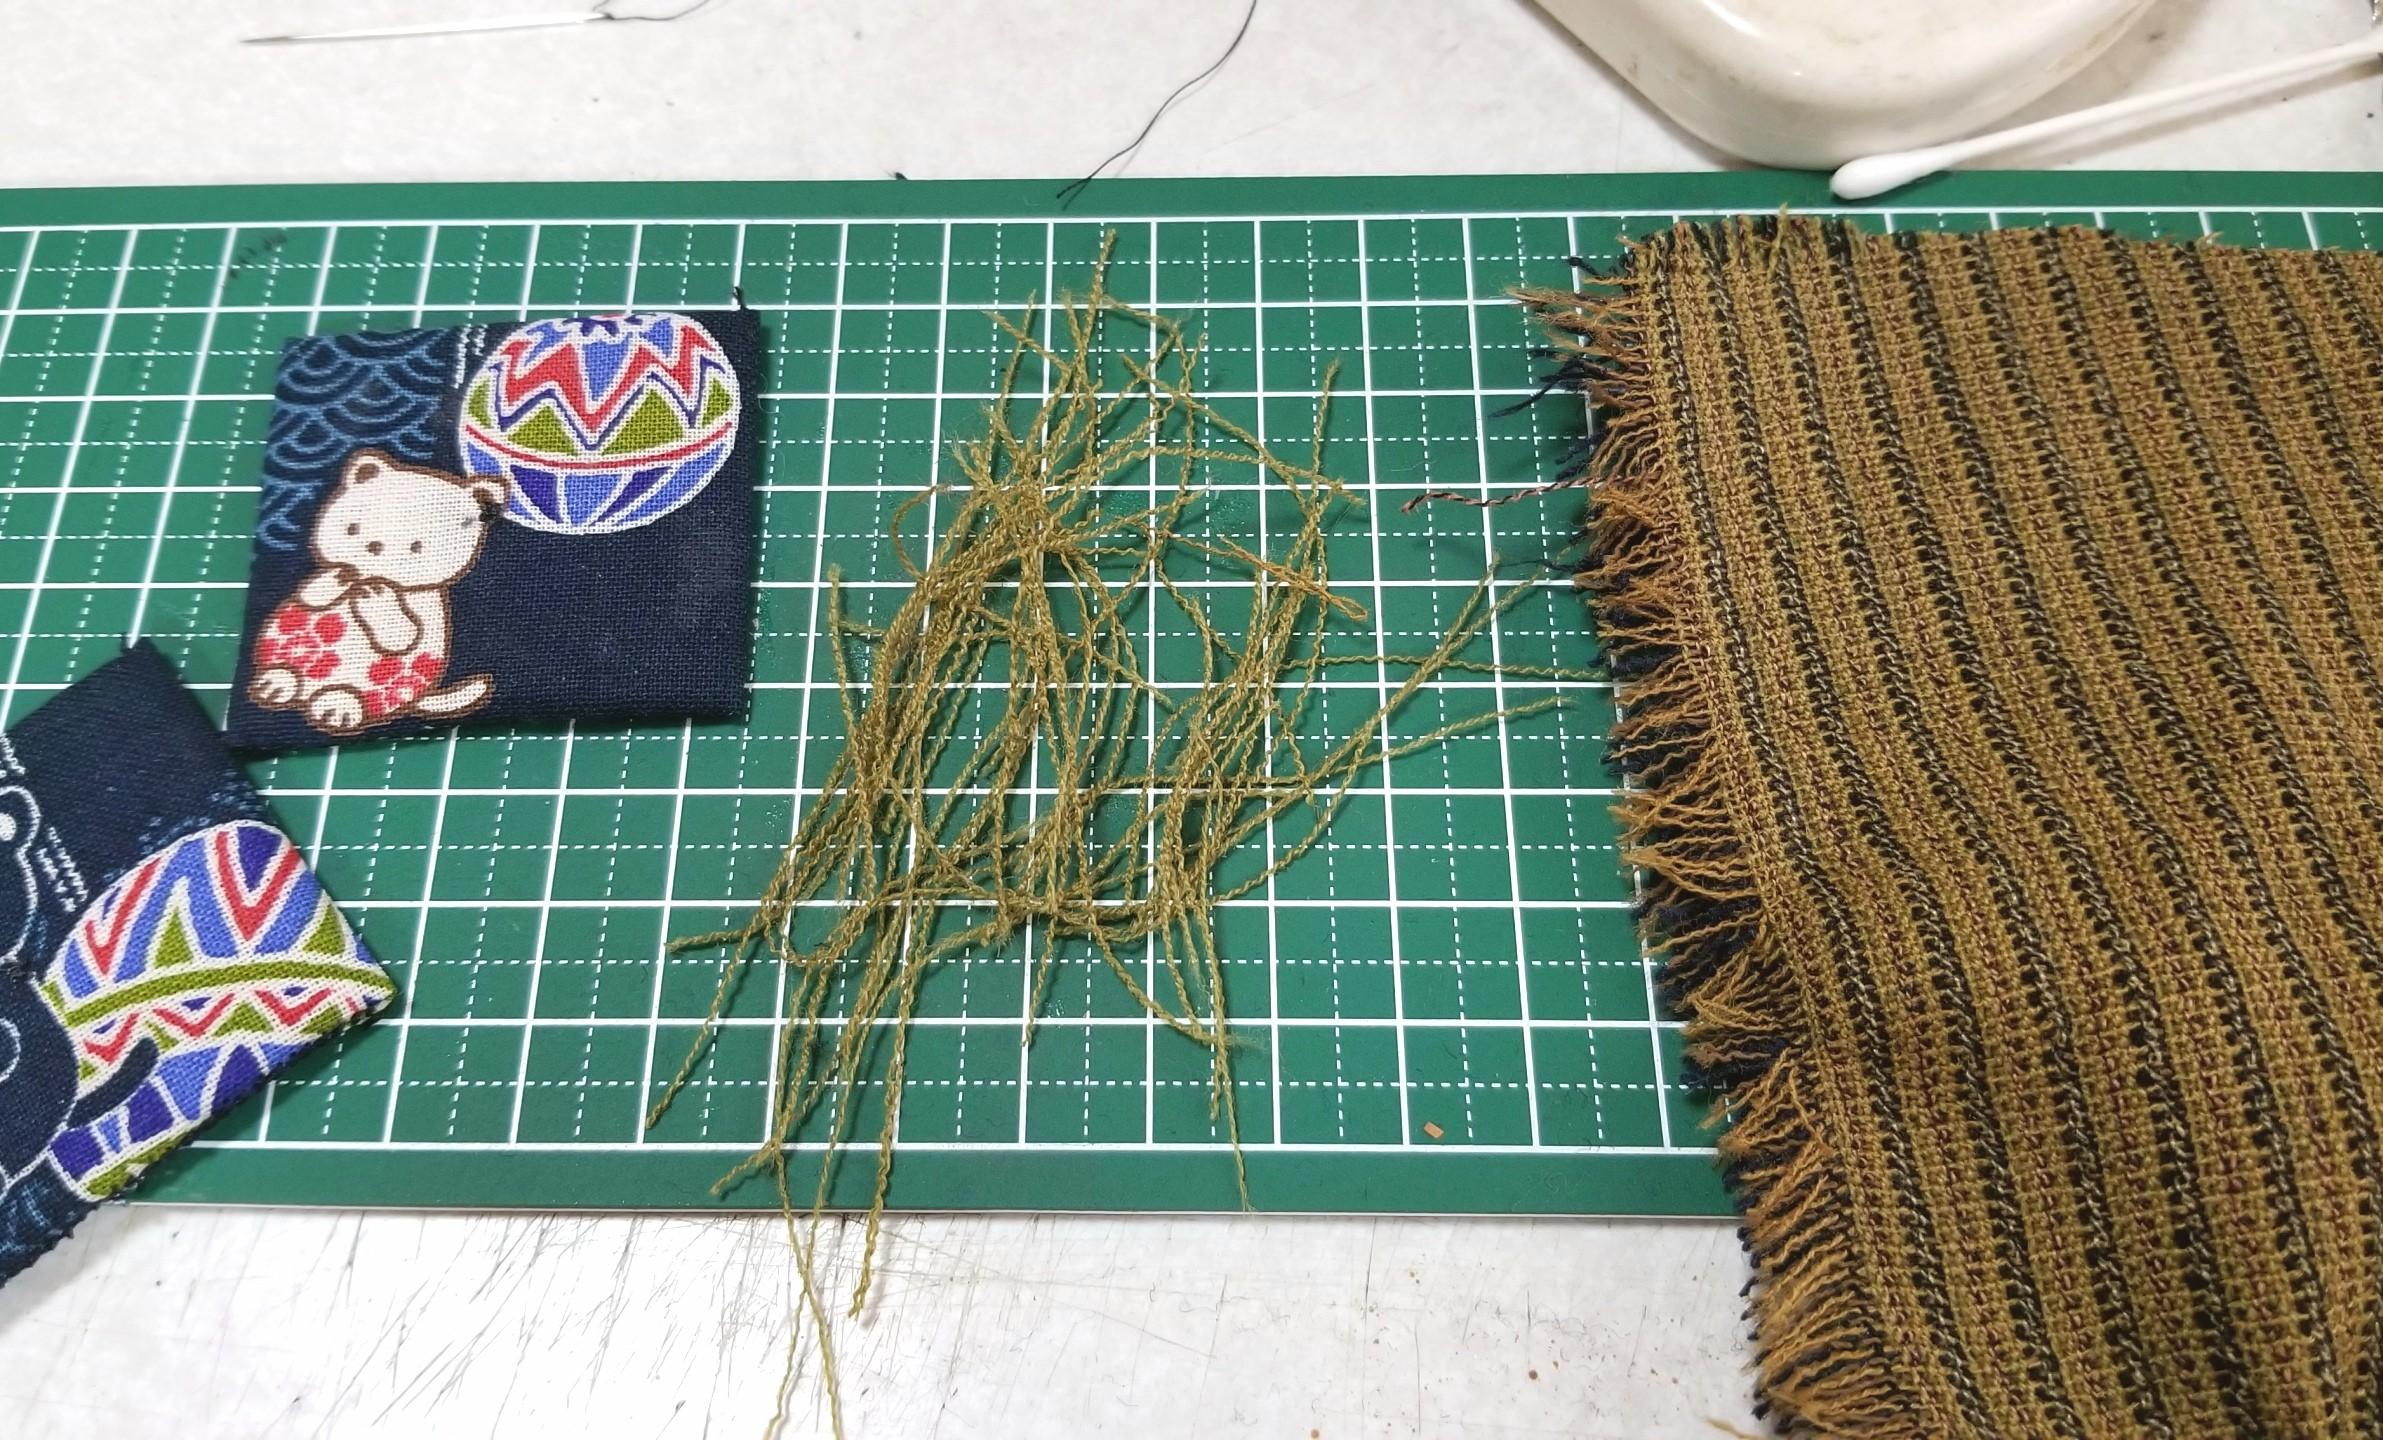 ミニチュアフード,座布団,作り方,縫い方,和菓子屋,布,食品サンプル